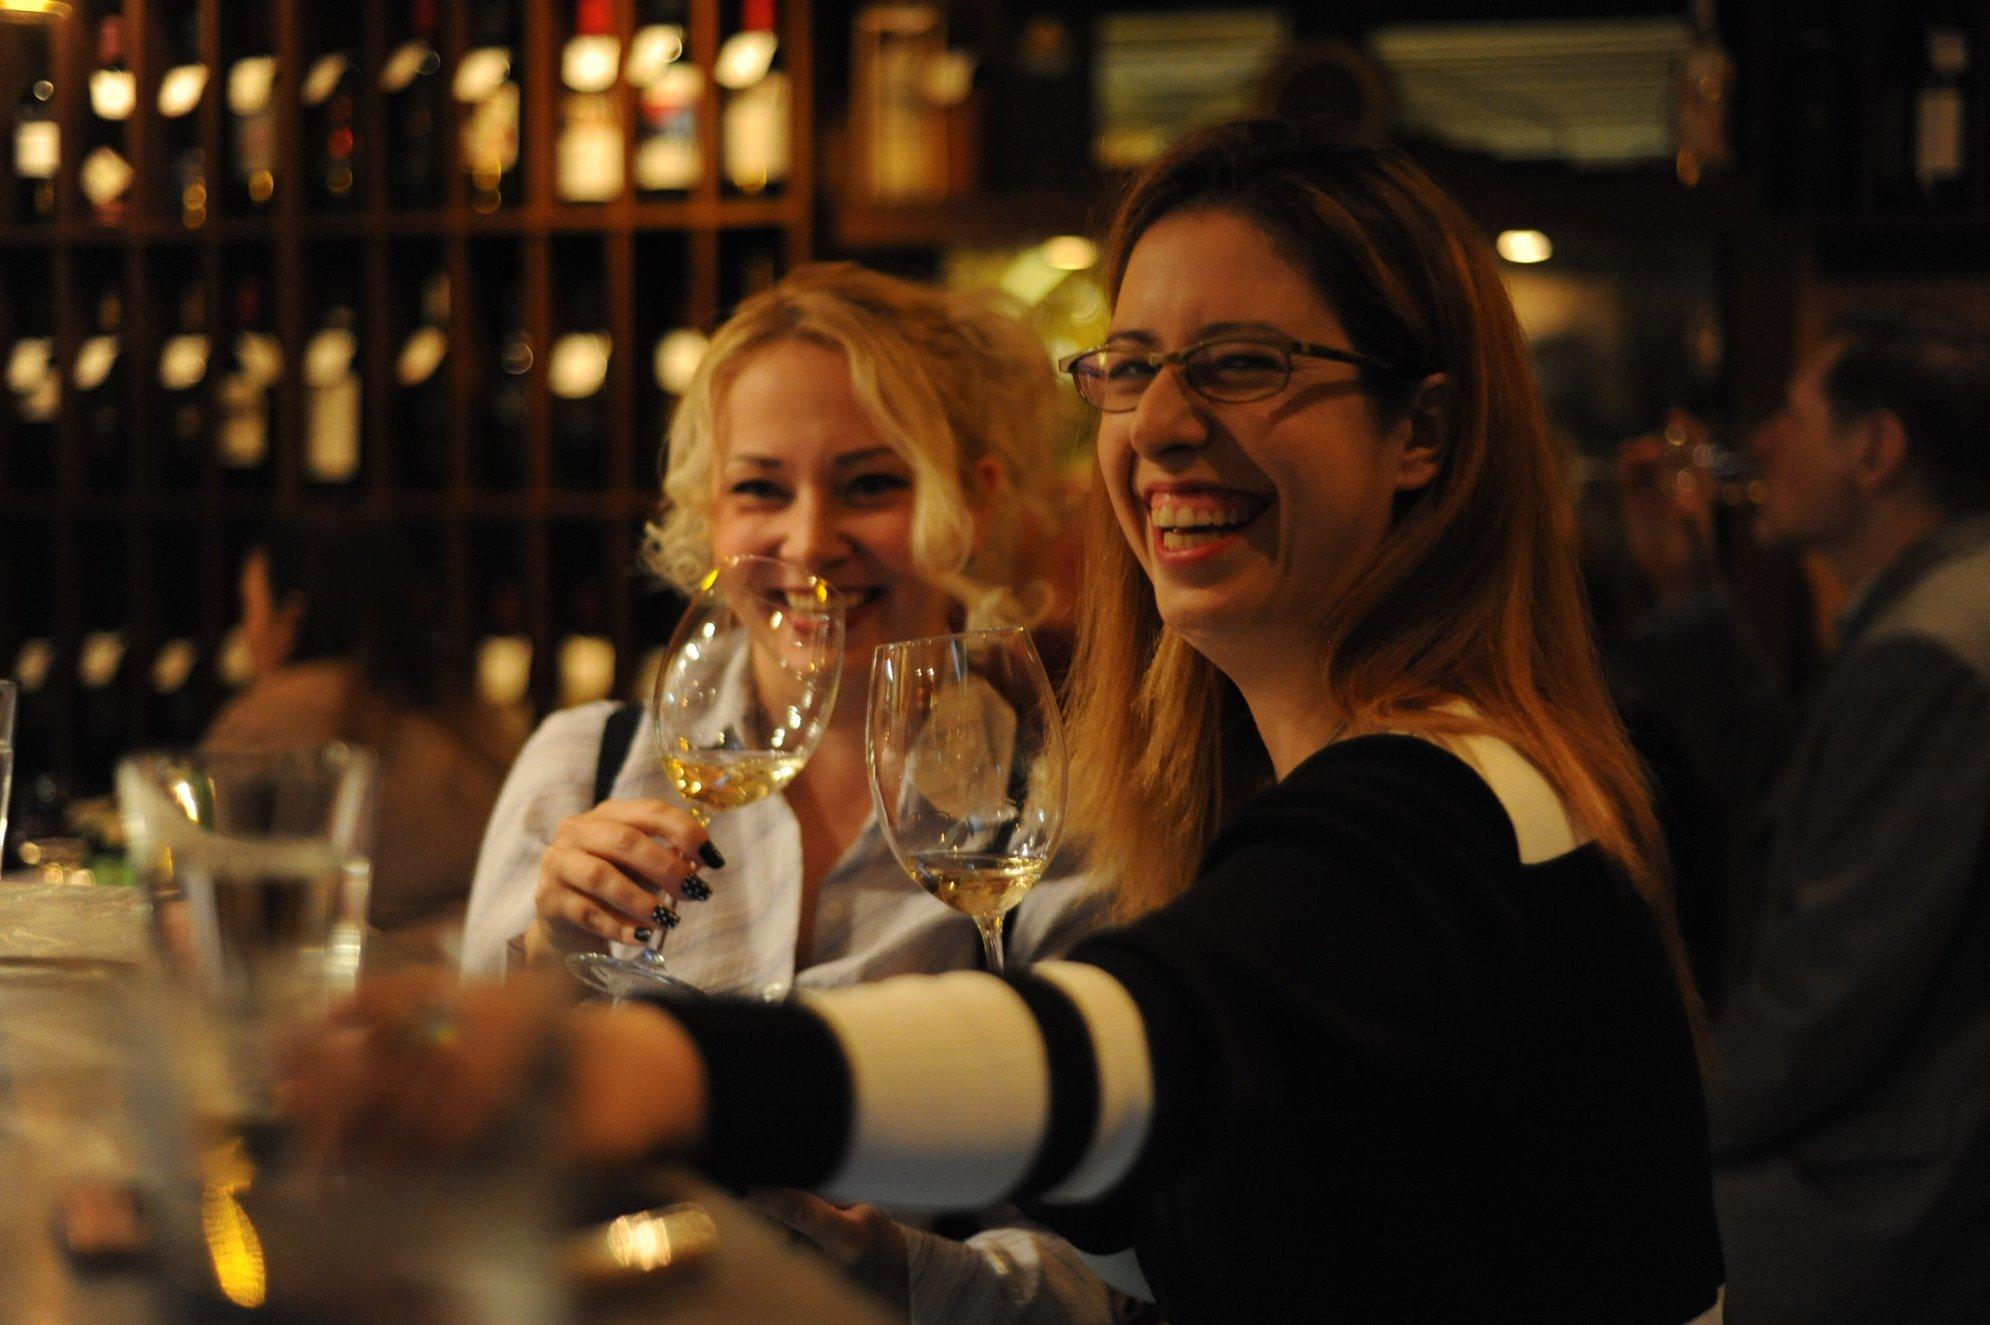 Svečarsko doba: Svakog će obradovati dobro italijansko vino (VIDEO)